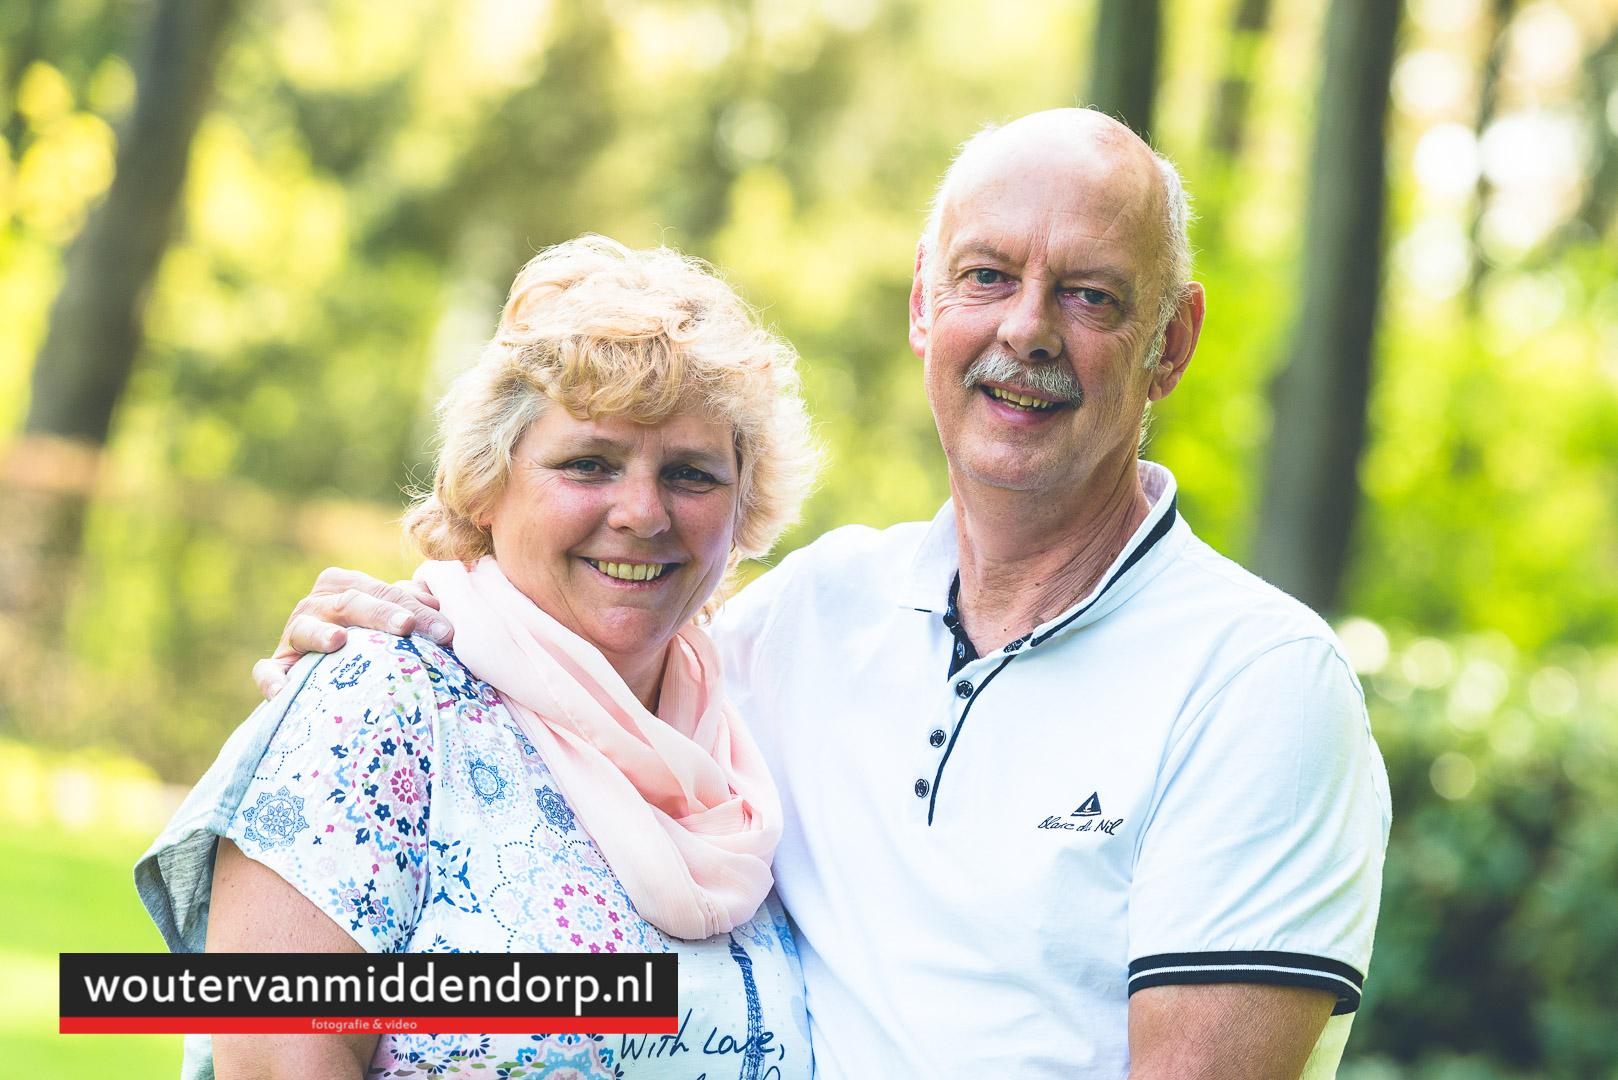 fotografie Wouter van Middendorp Kasteel Staverden-9